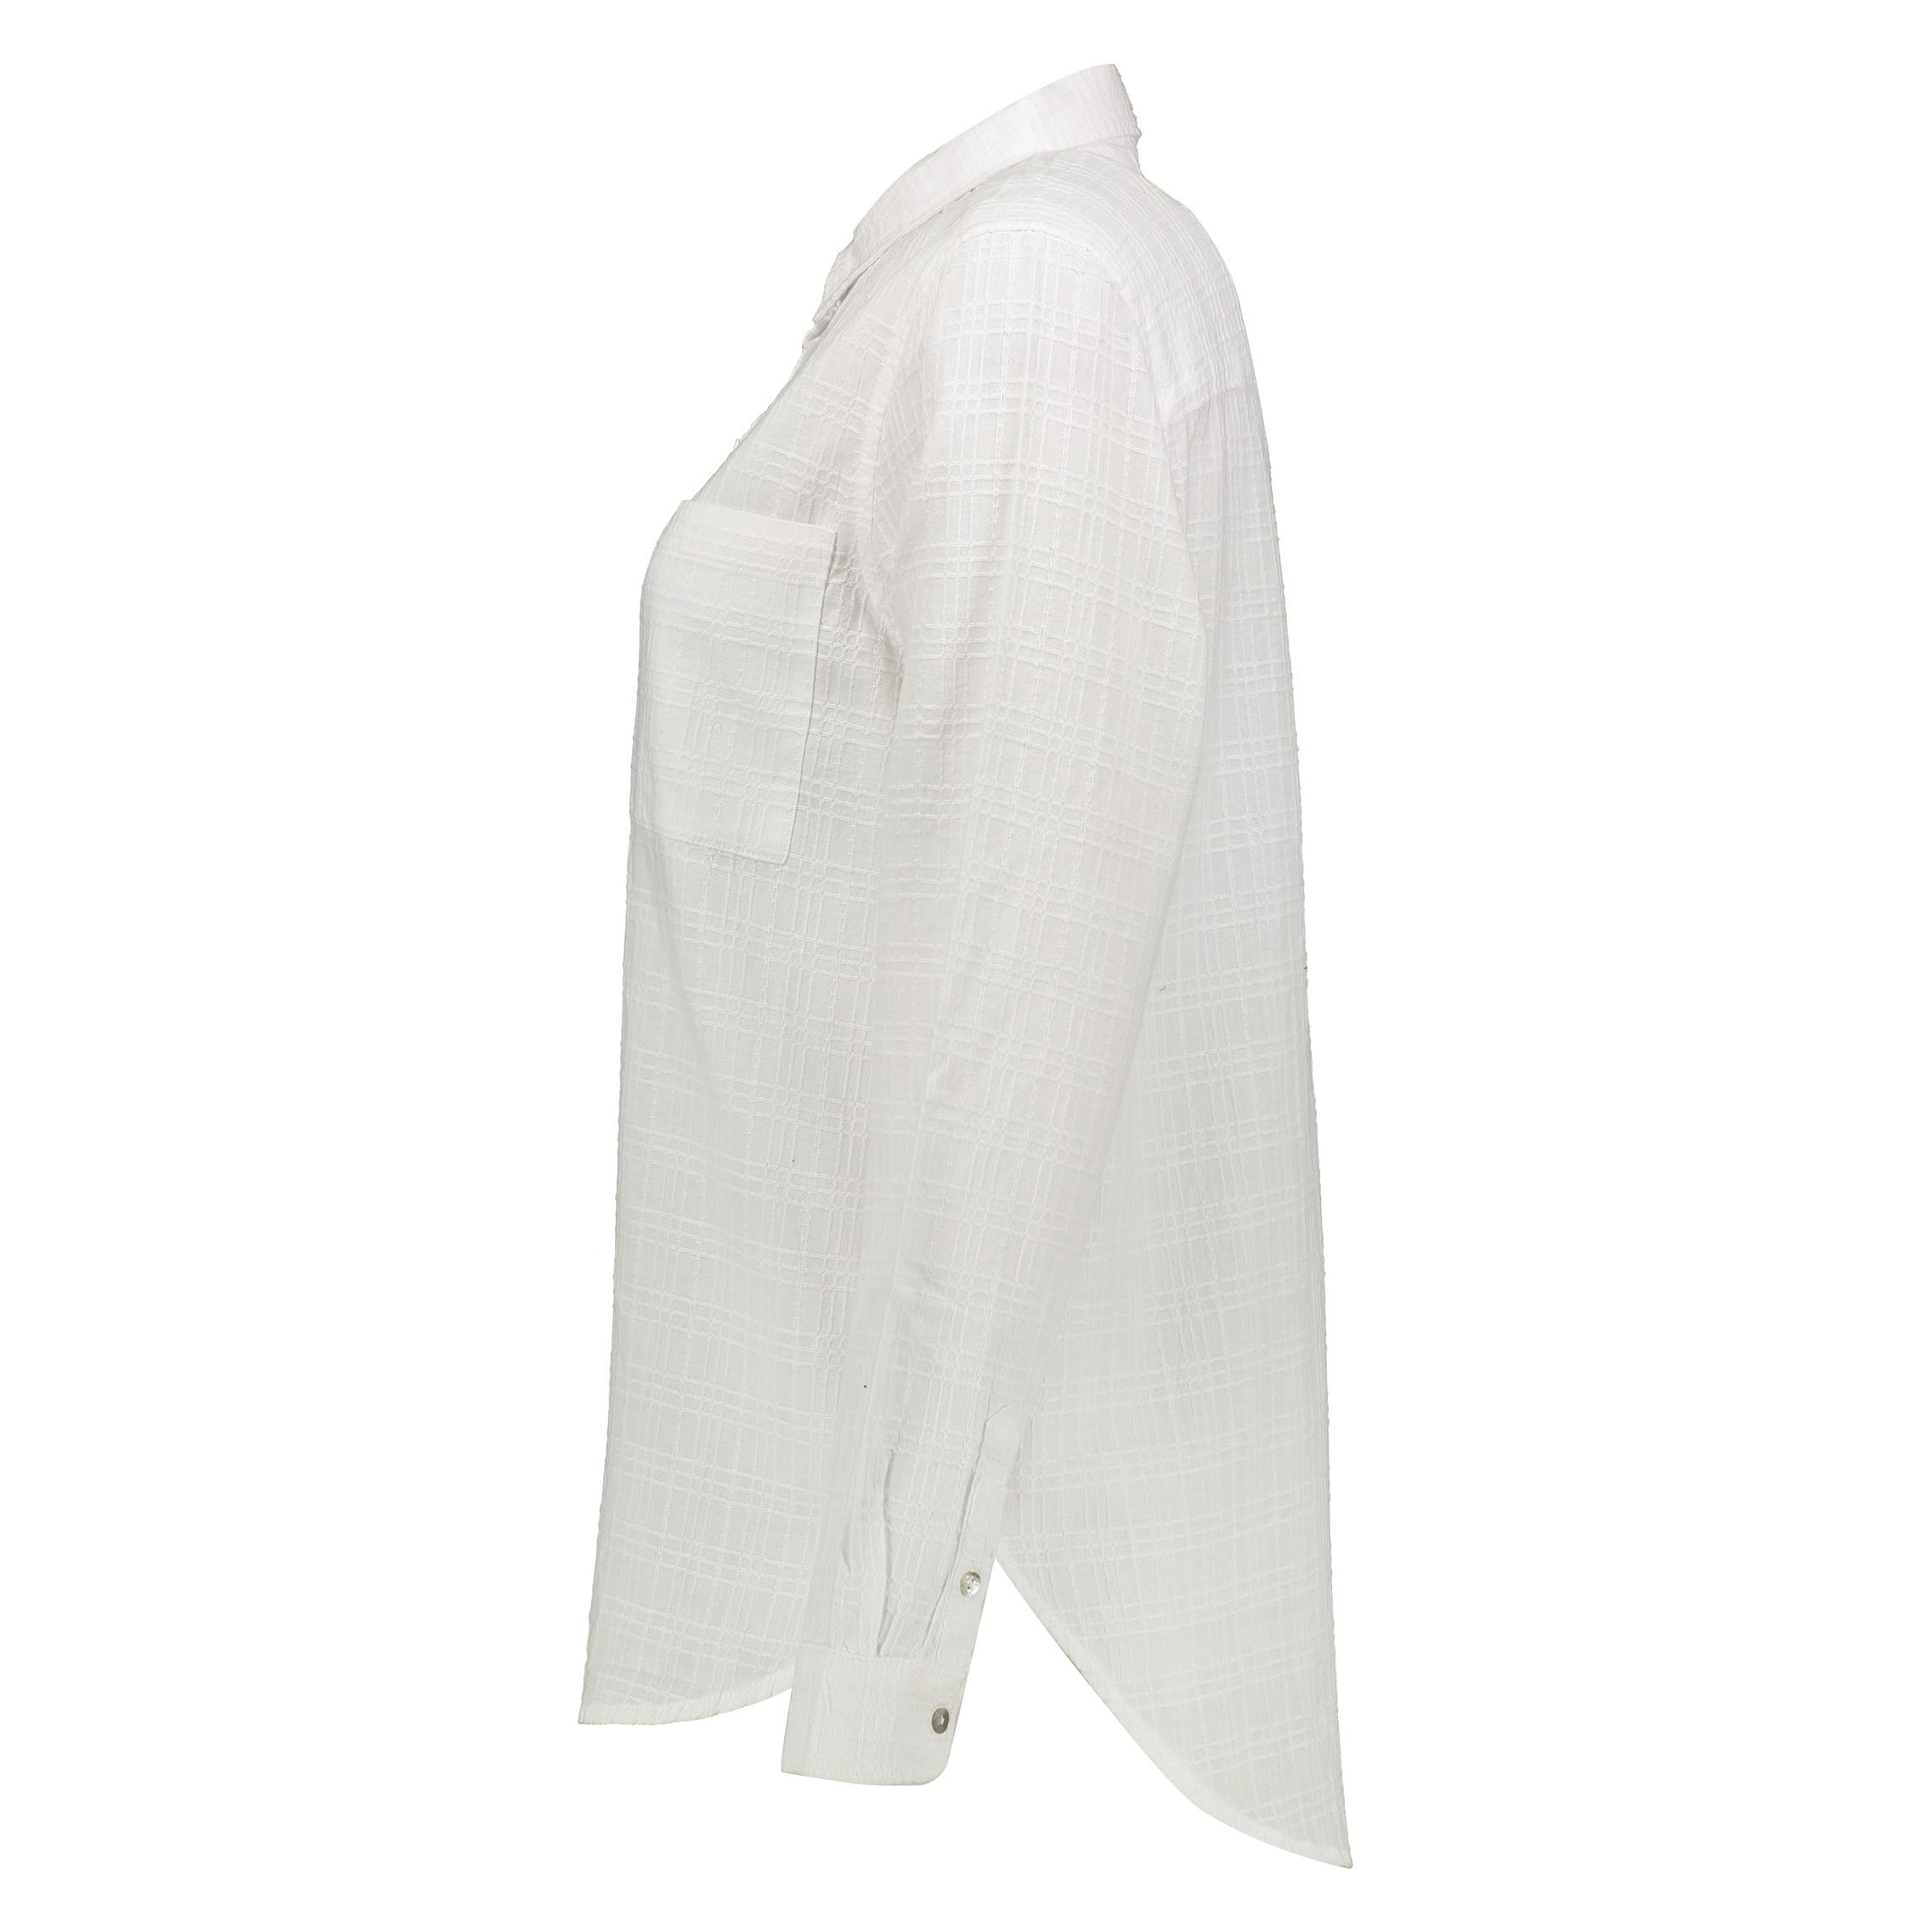 شومیز زنانه اسپرینگ فیلد مدل 6793665-WHITE